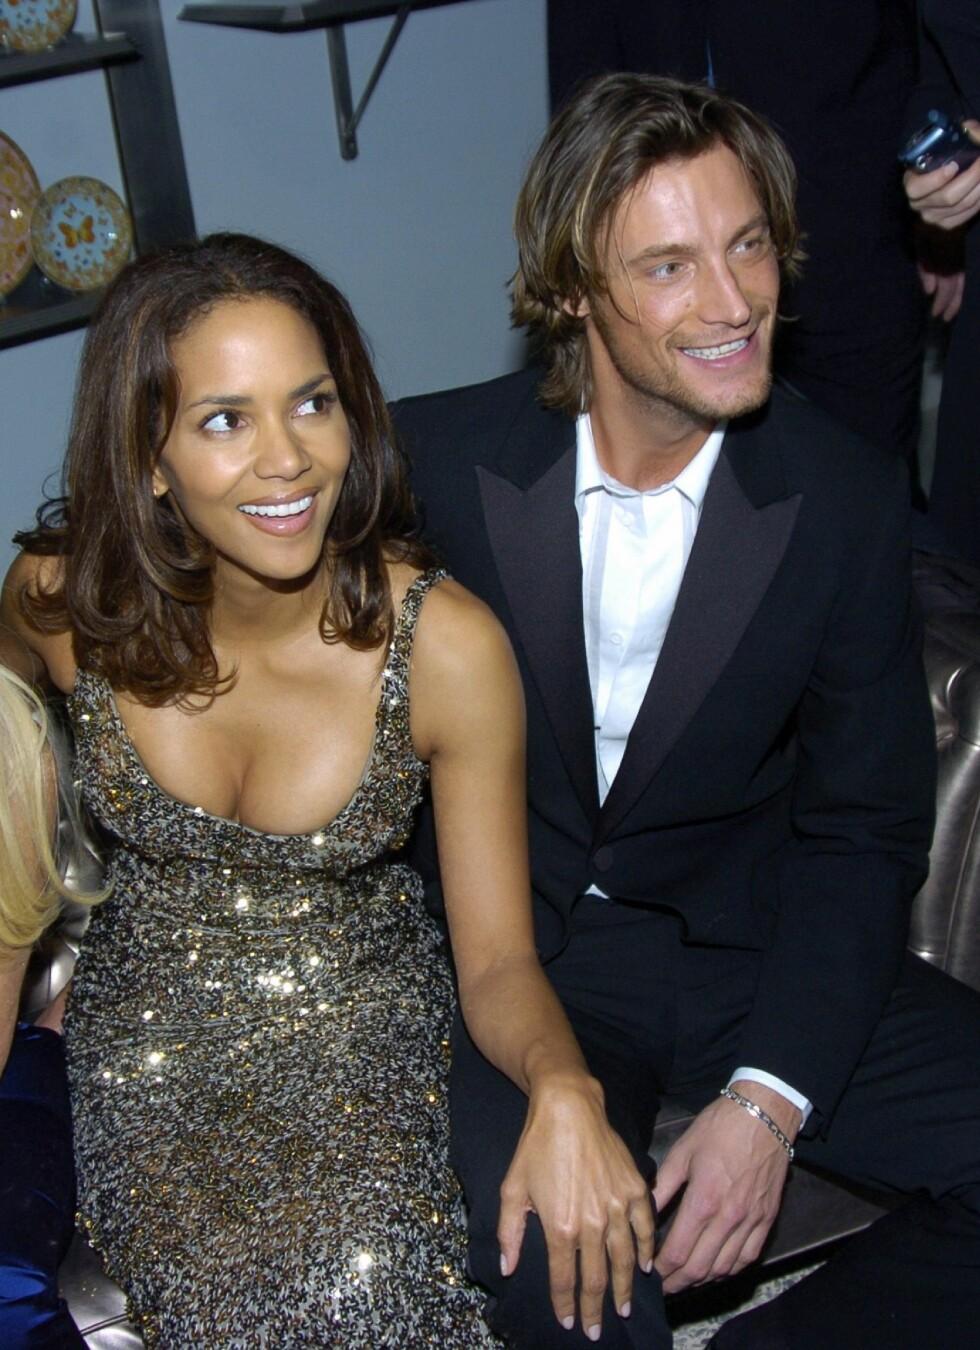 GIFTET SEG IKKE: Halle Berry og Gabriel Aubry fikk barn sammen og var et par i flere år, men ble aldri ektefeller. Foto: wenn.com